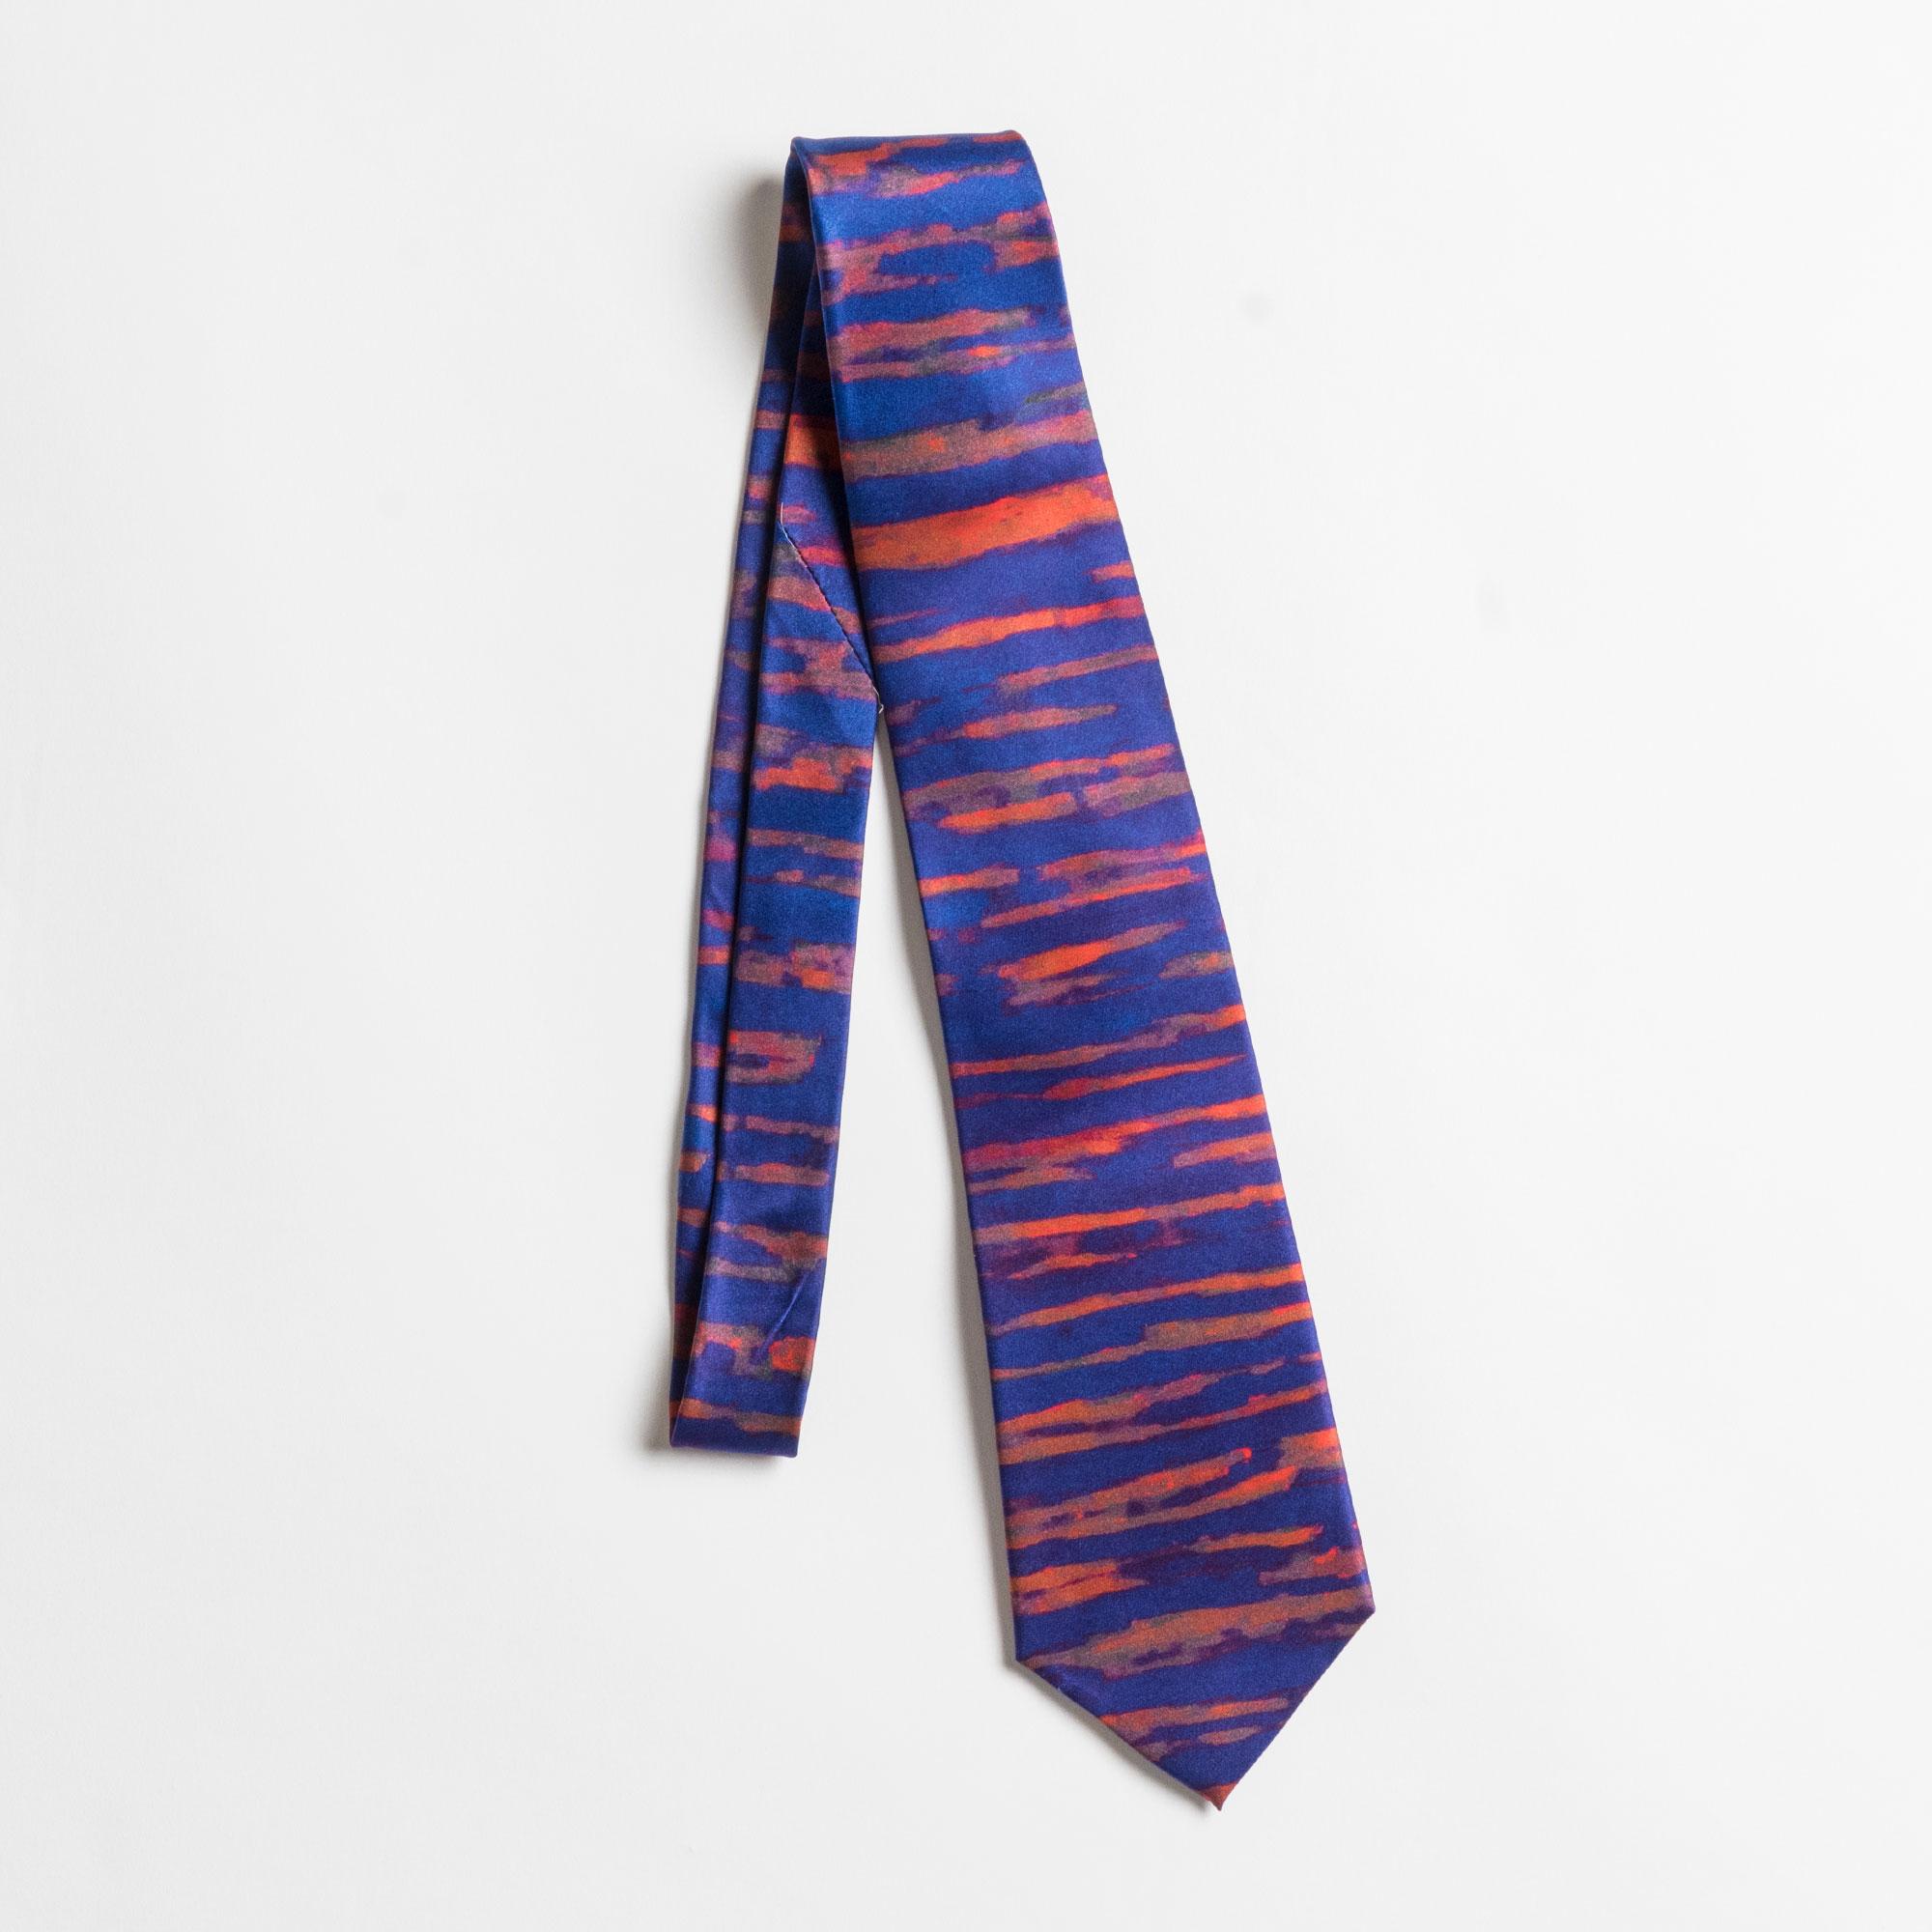 Silk Tie based on Held between Bars by TJ Christian